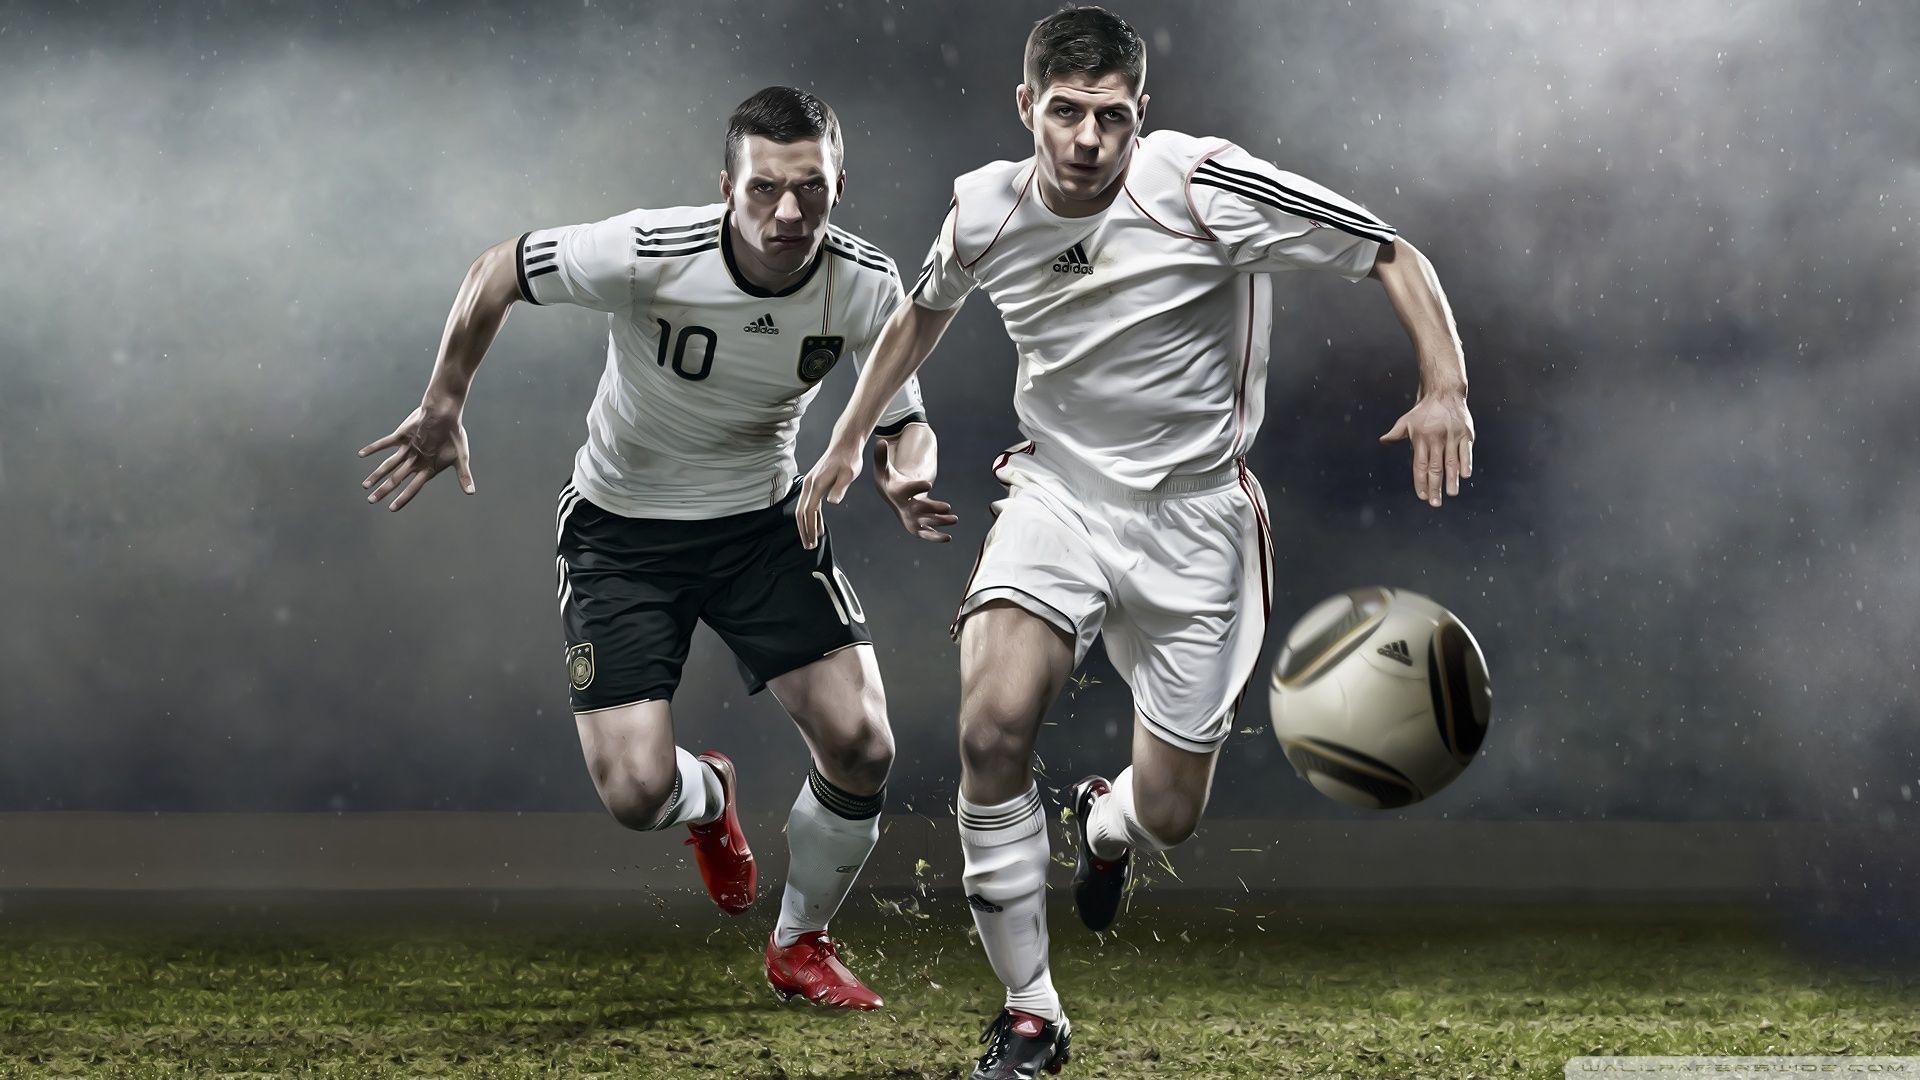 Futbol Hd Wallpapers Wallpaper Cave